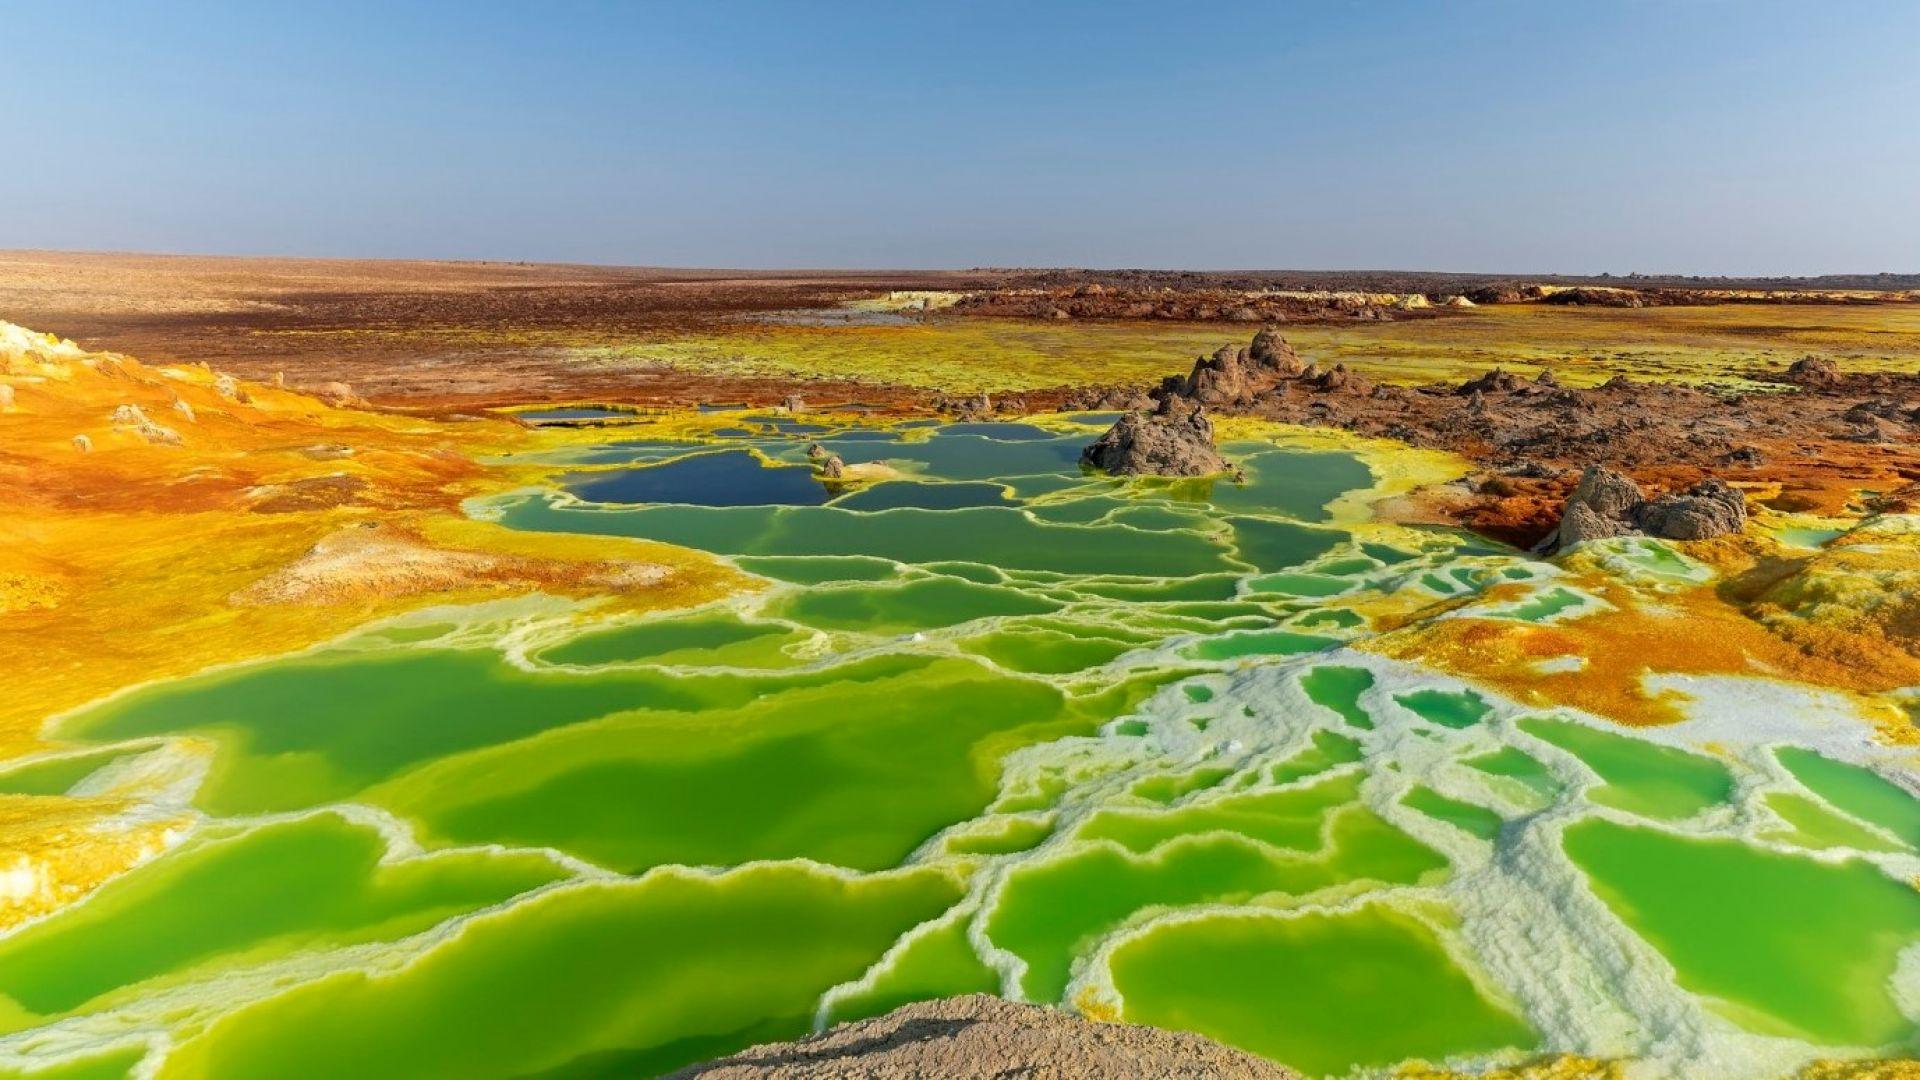 Тази цветна пустиня в Етиопия е като от друга планета (снимки)